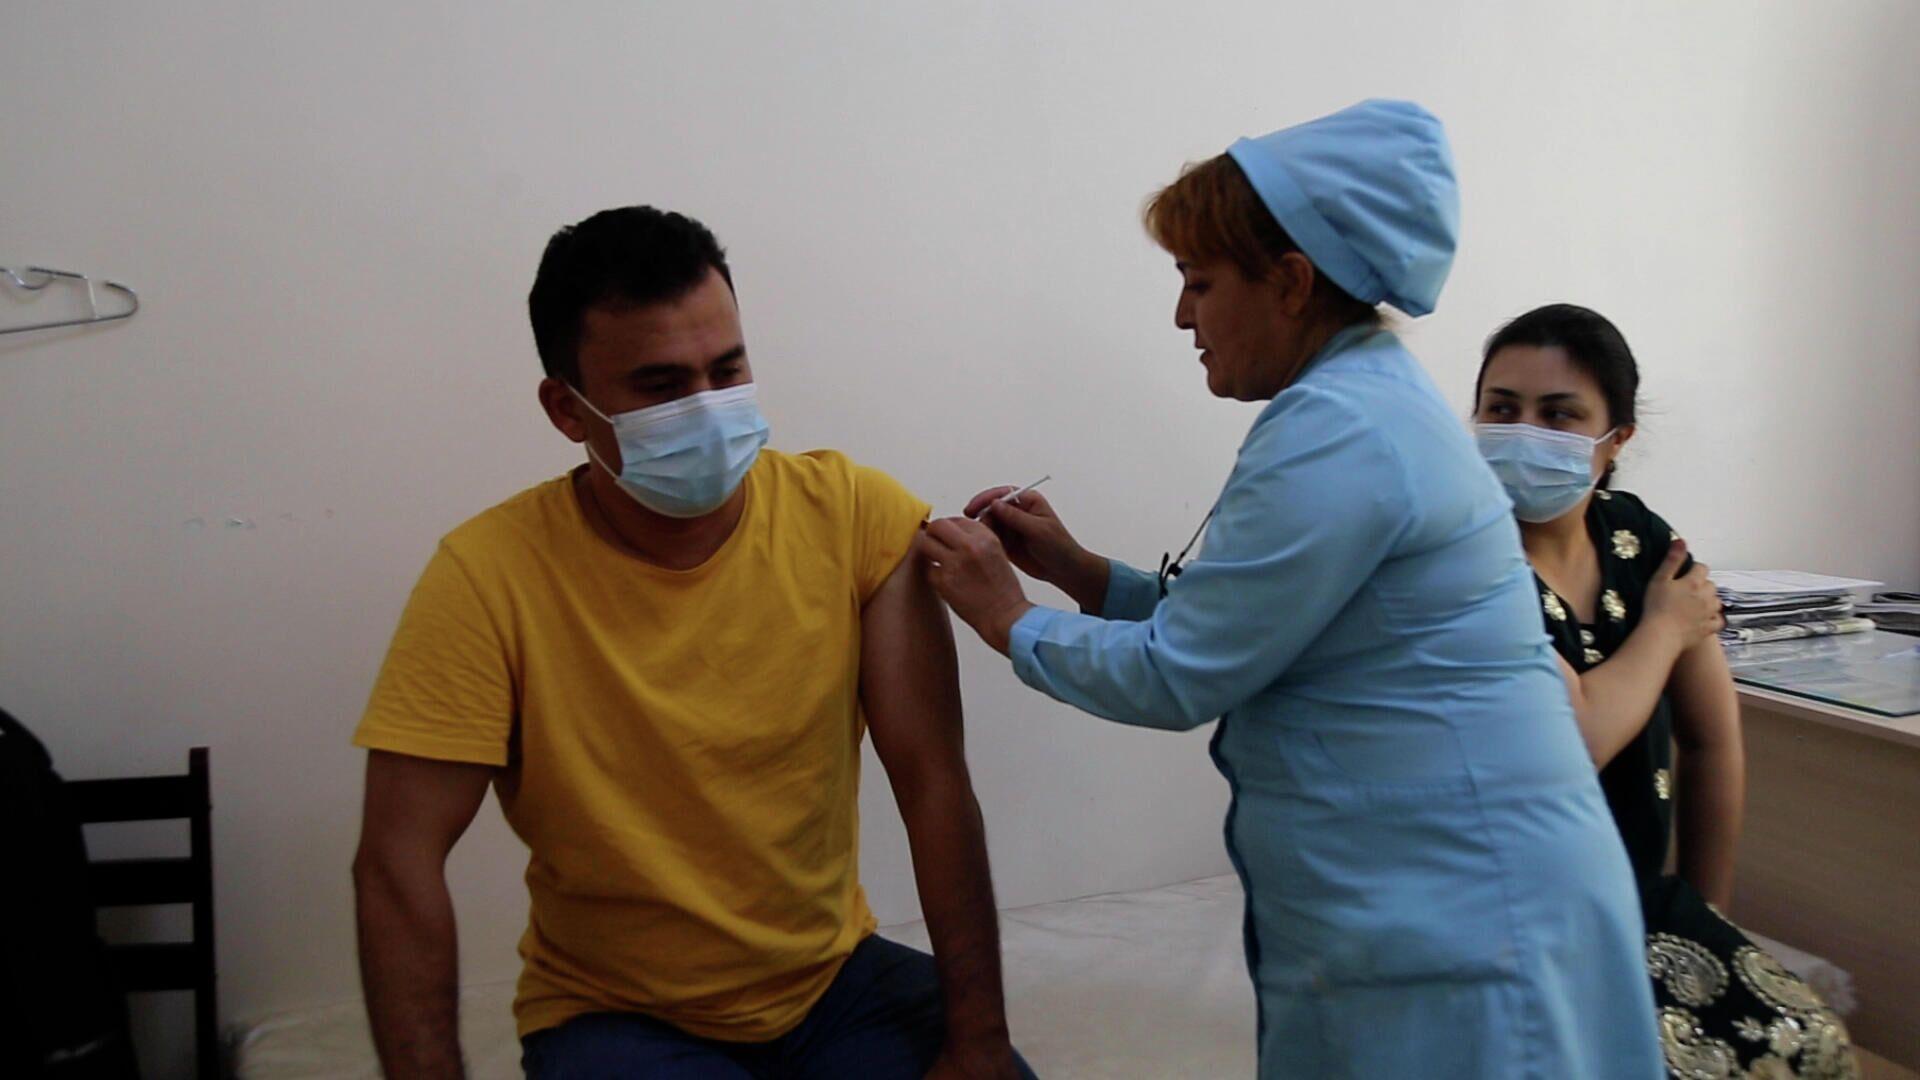 Вакцинация от коронавируса в Таджикистане - Sputnik Узбекистан, 1920, 29.09.2021